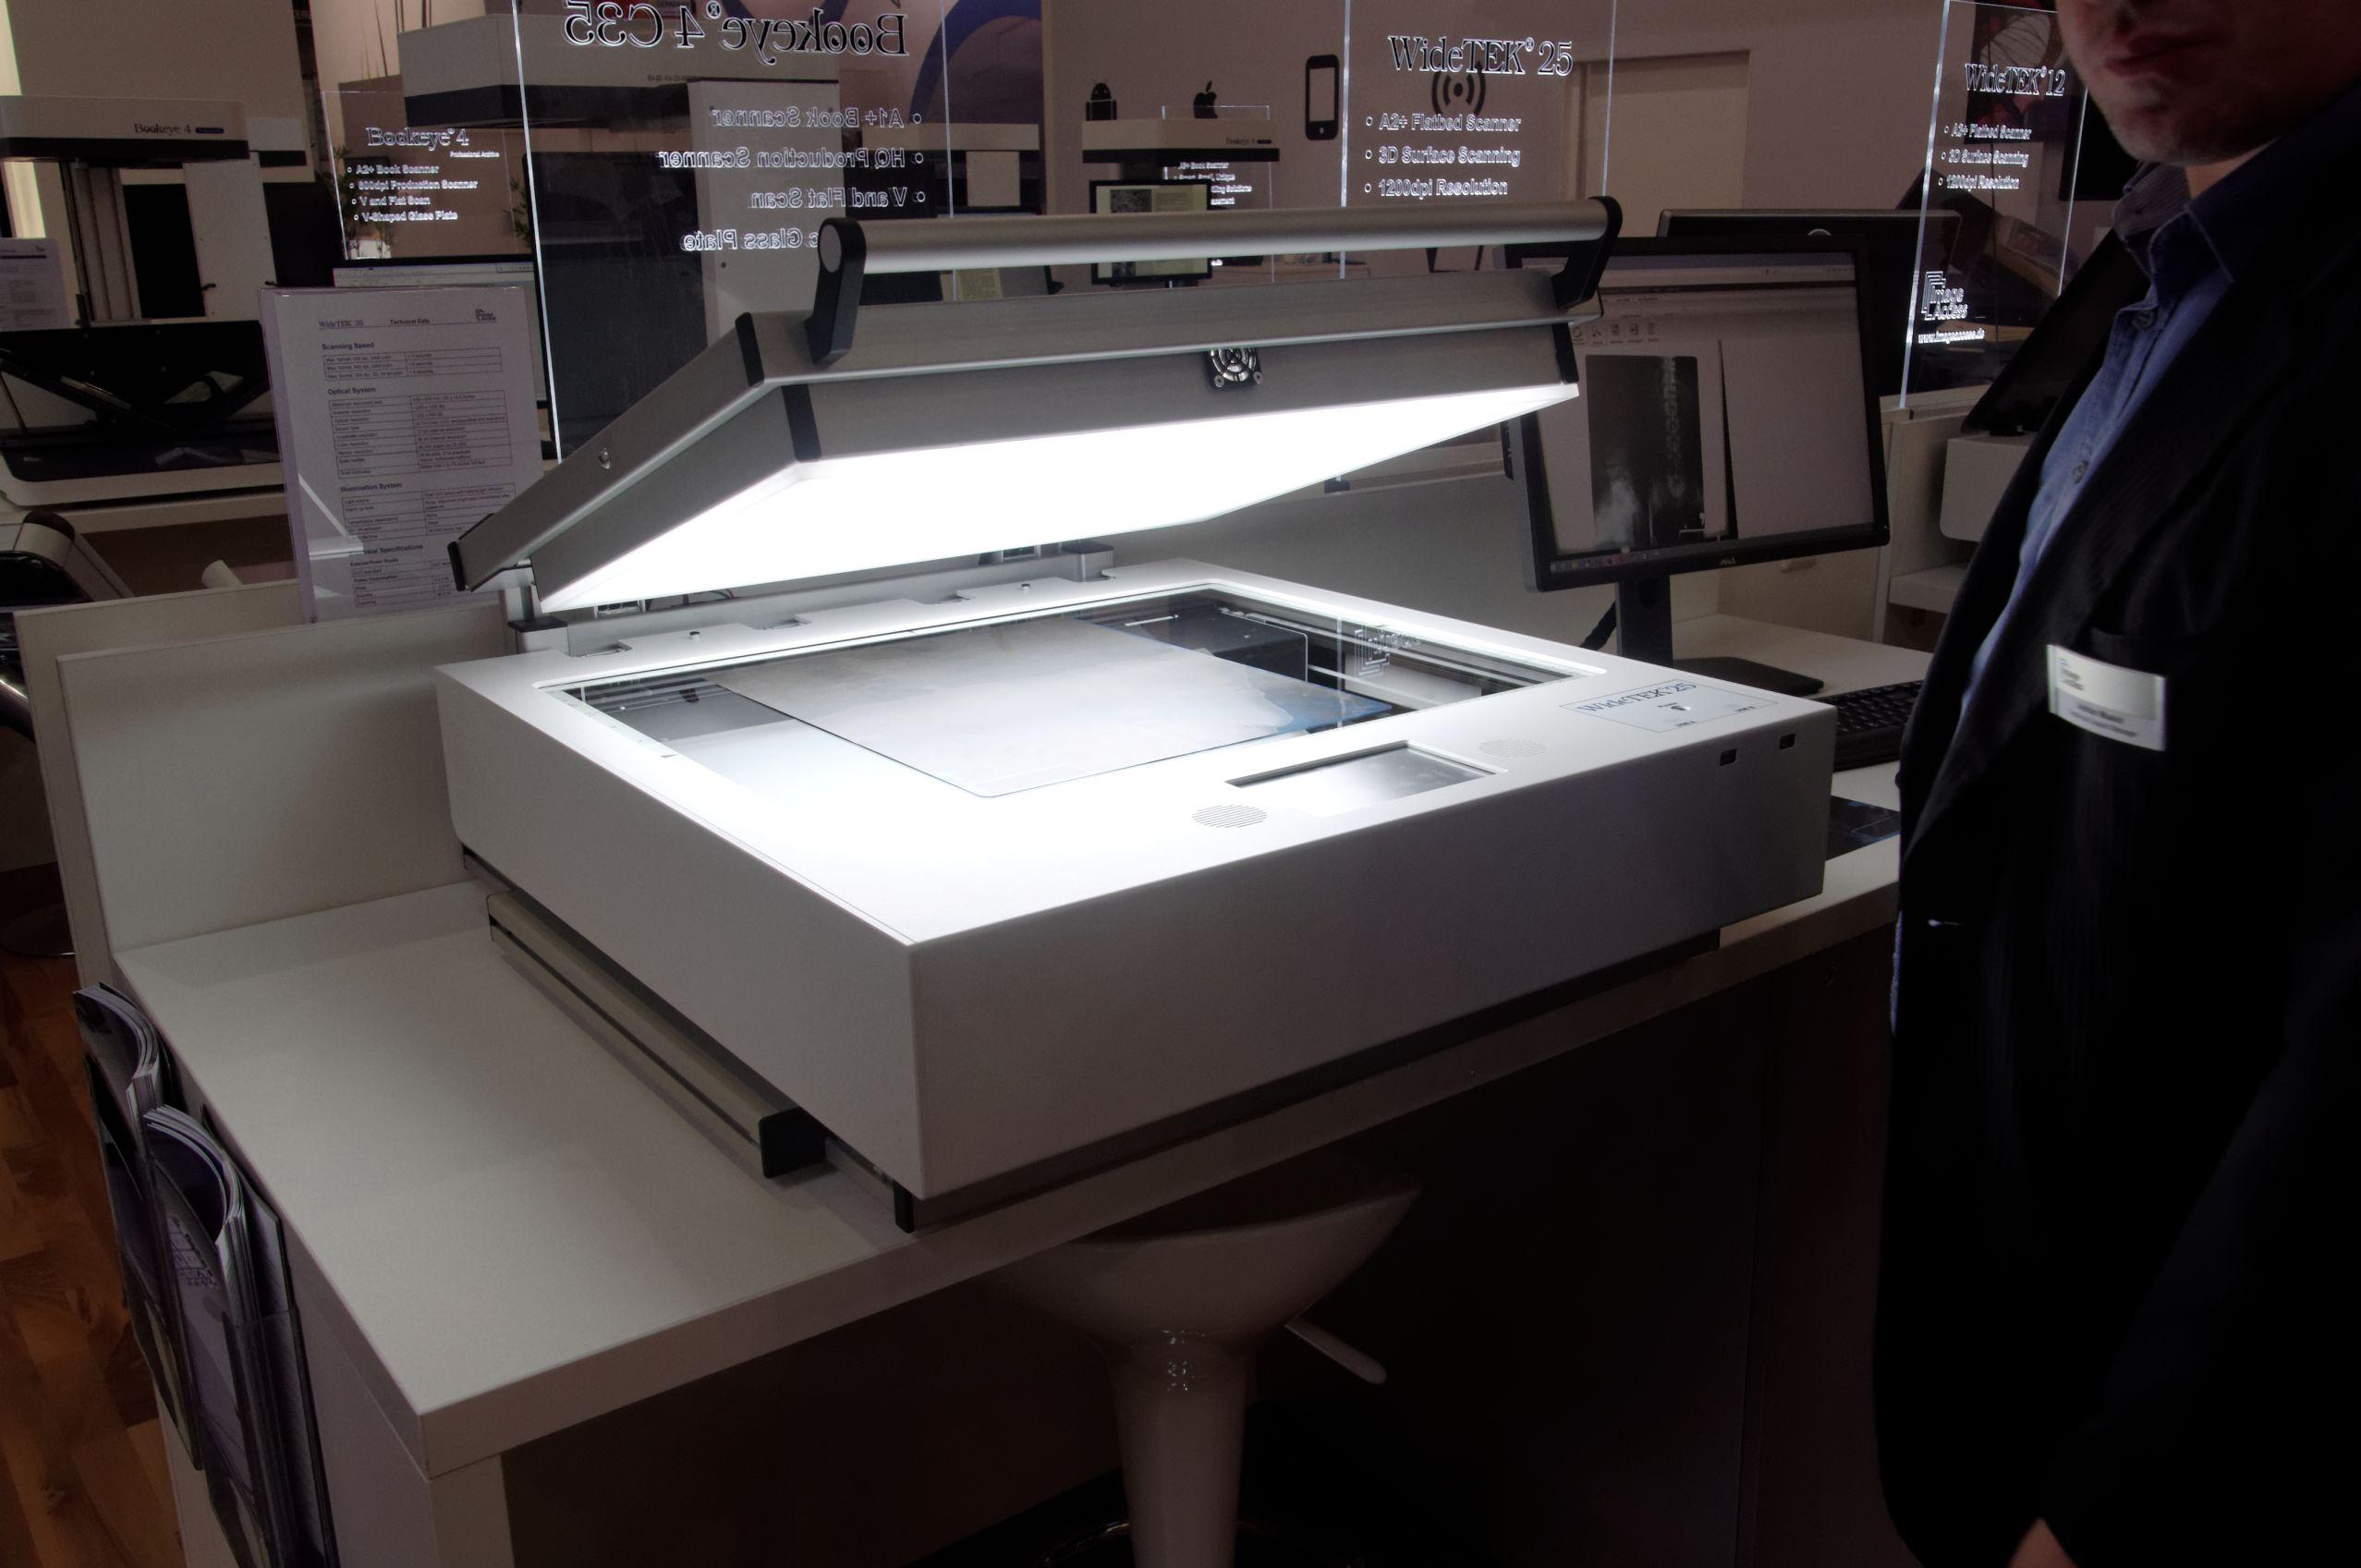 Digitaliseren is het omzetten van analoog materiaal, zoals papier of foto's, naar een digitale vorm. Waarmee moet je rekening houden om delen van je archief en collectie(s) kwaliteitsvol te digitaliseren?